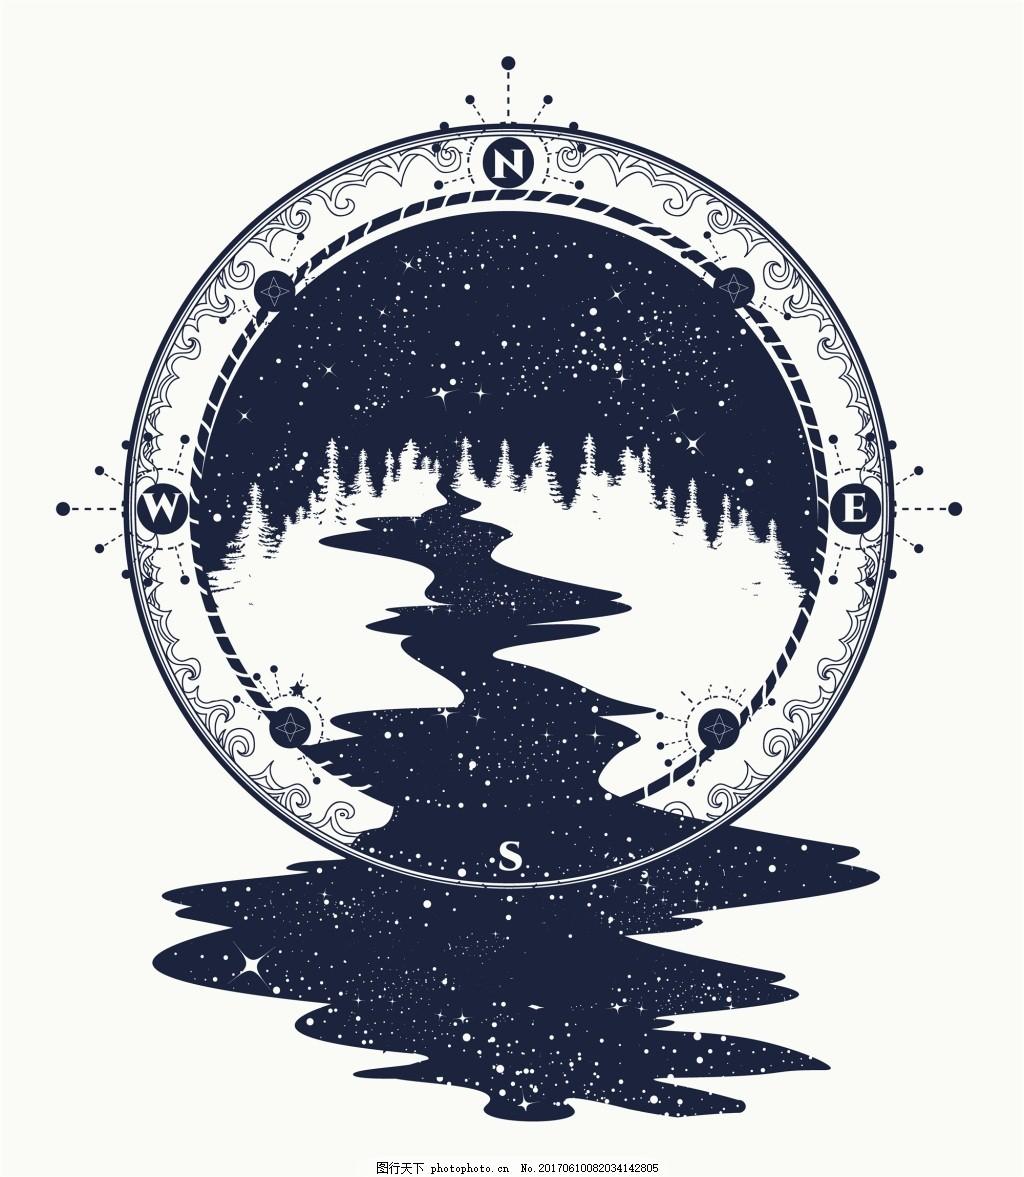 圆形森林纹身图案创意矢量